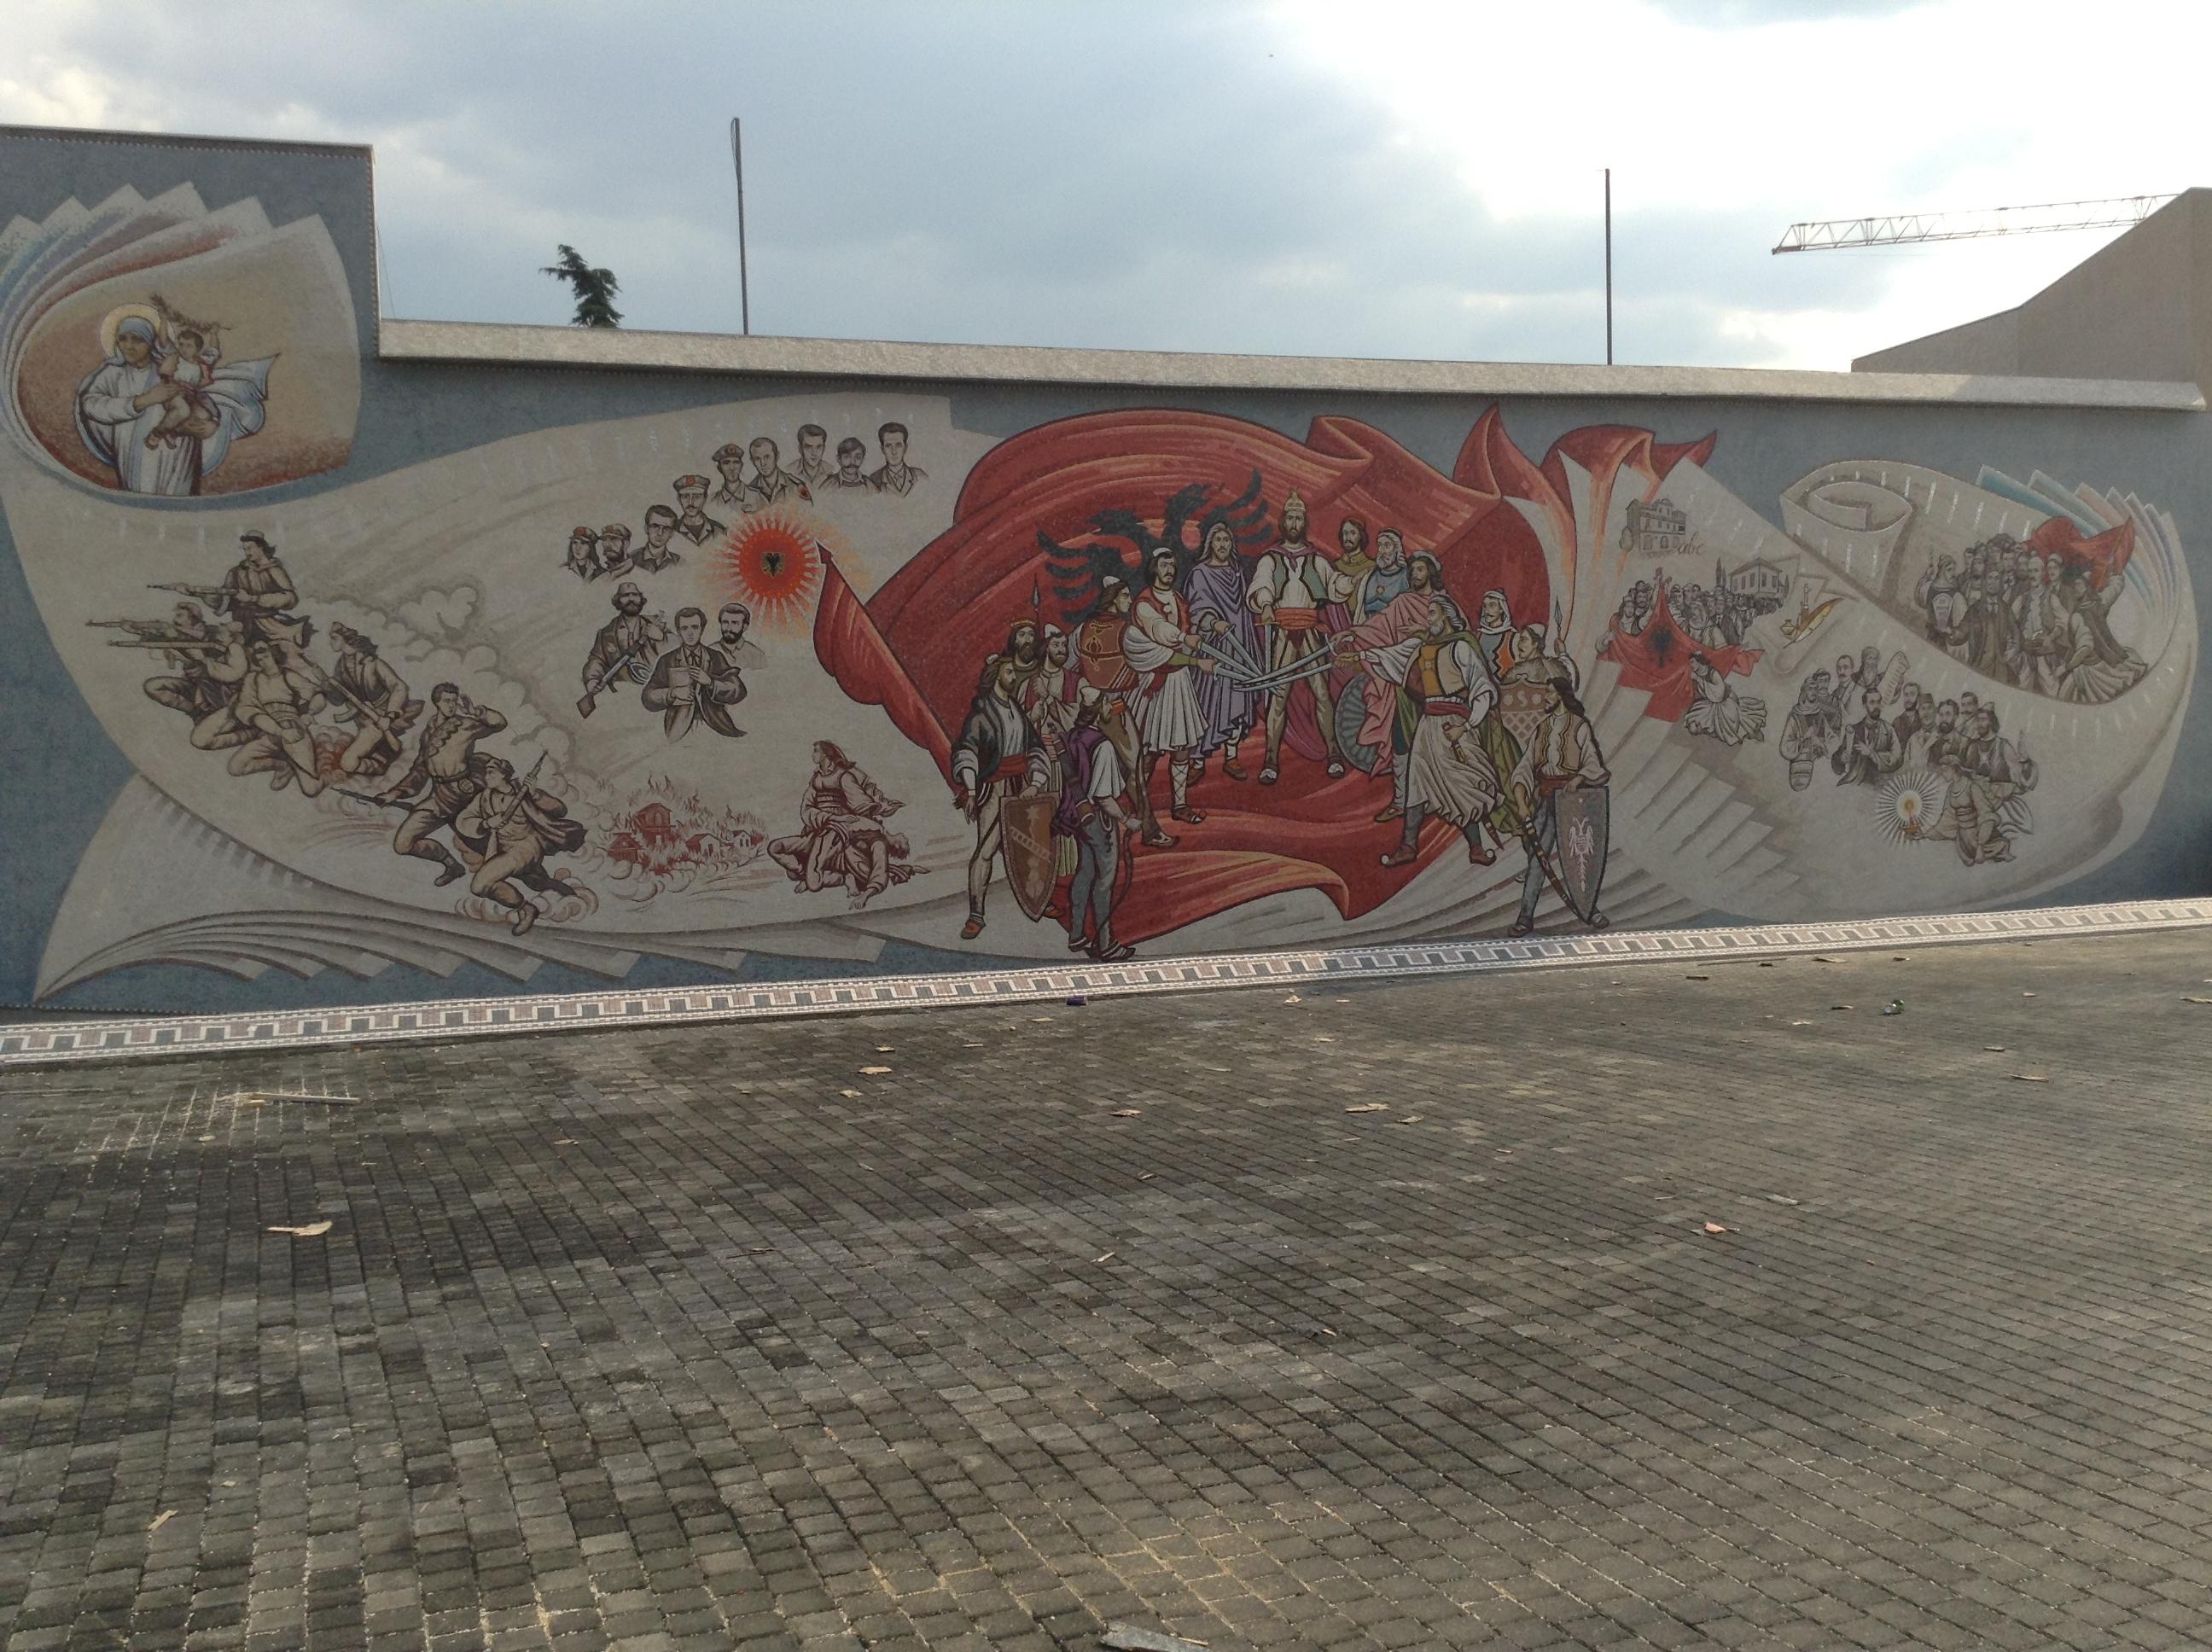 üsküp-arnavutların tarihi kahramanları